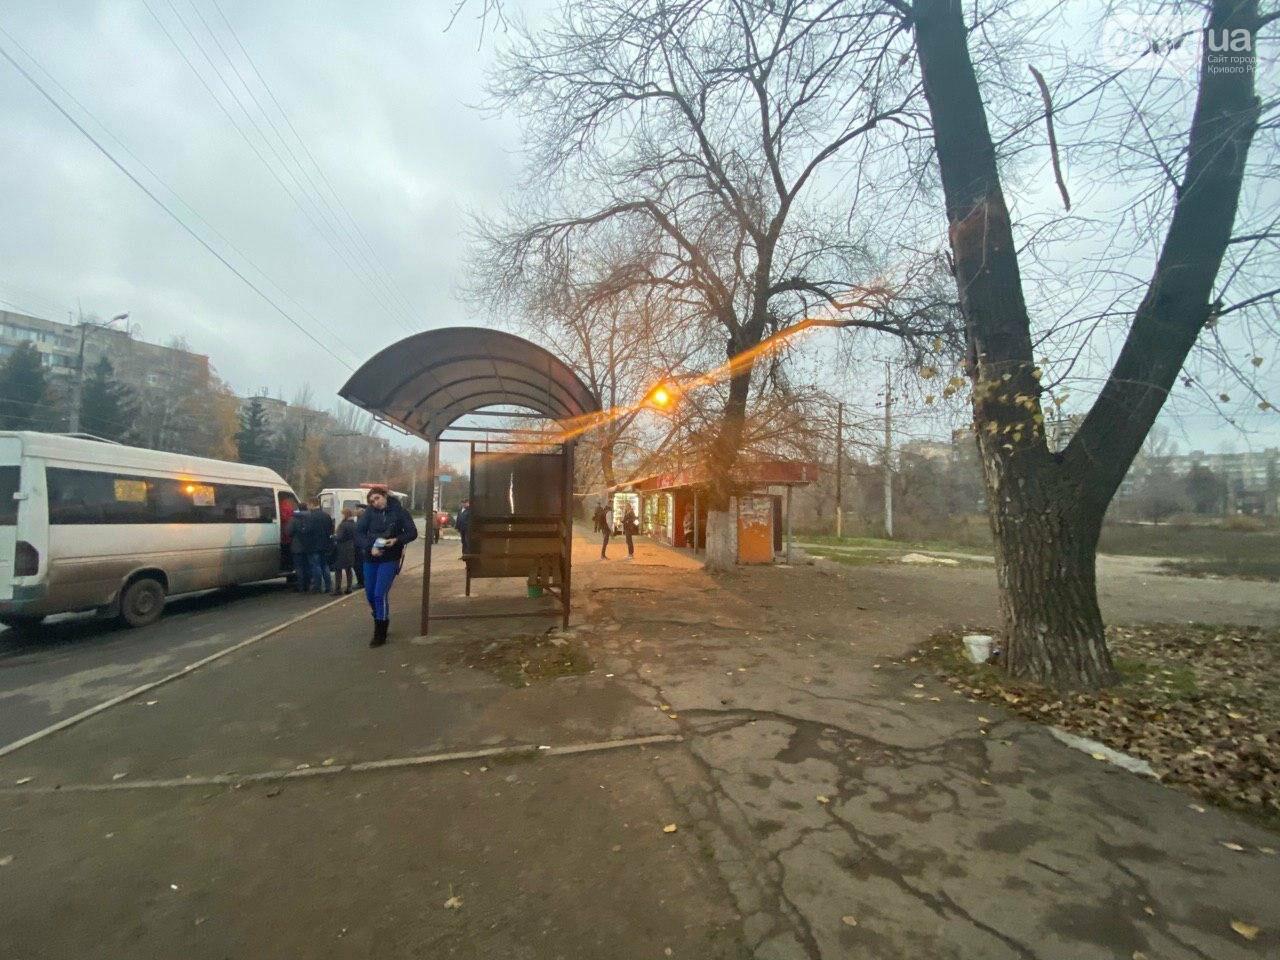 В Кривом Роге предприниматель помогла благоустроить остановку общественного транспорта, - ФОТО, фото-17